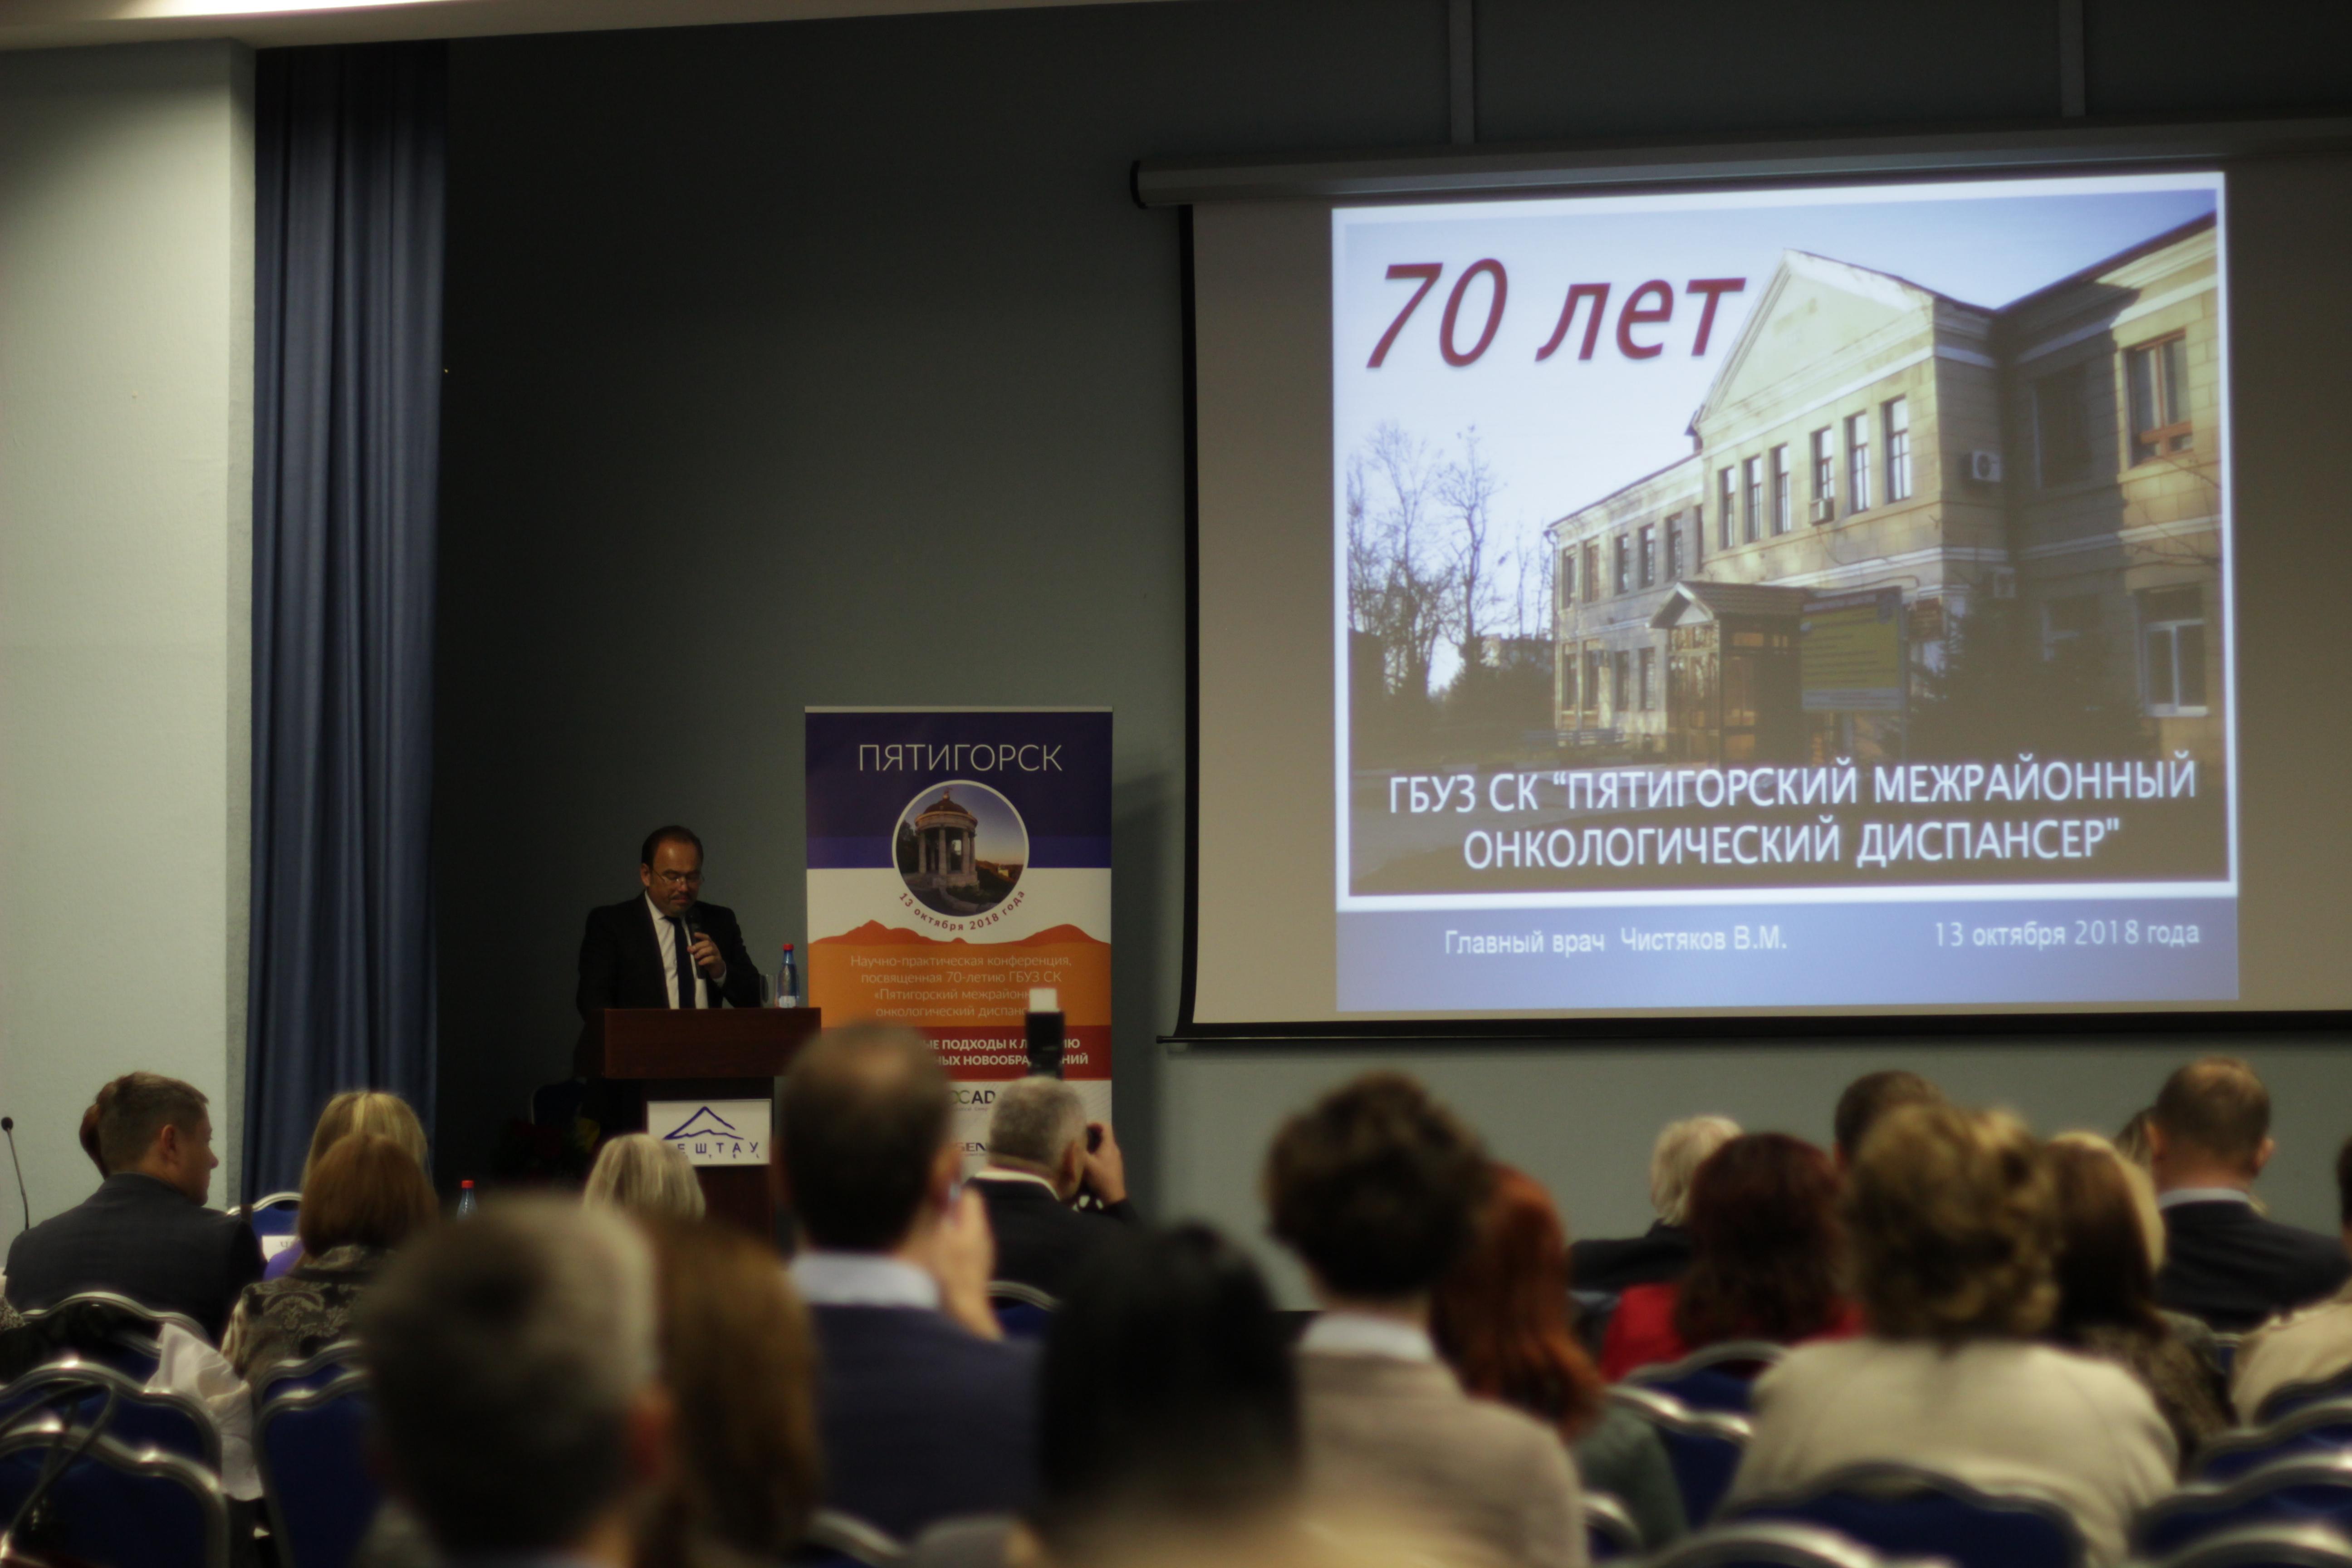 Конференция, посвященная юбилею ведущего онкологического учреждения региона, состоялась в Пятигорске